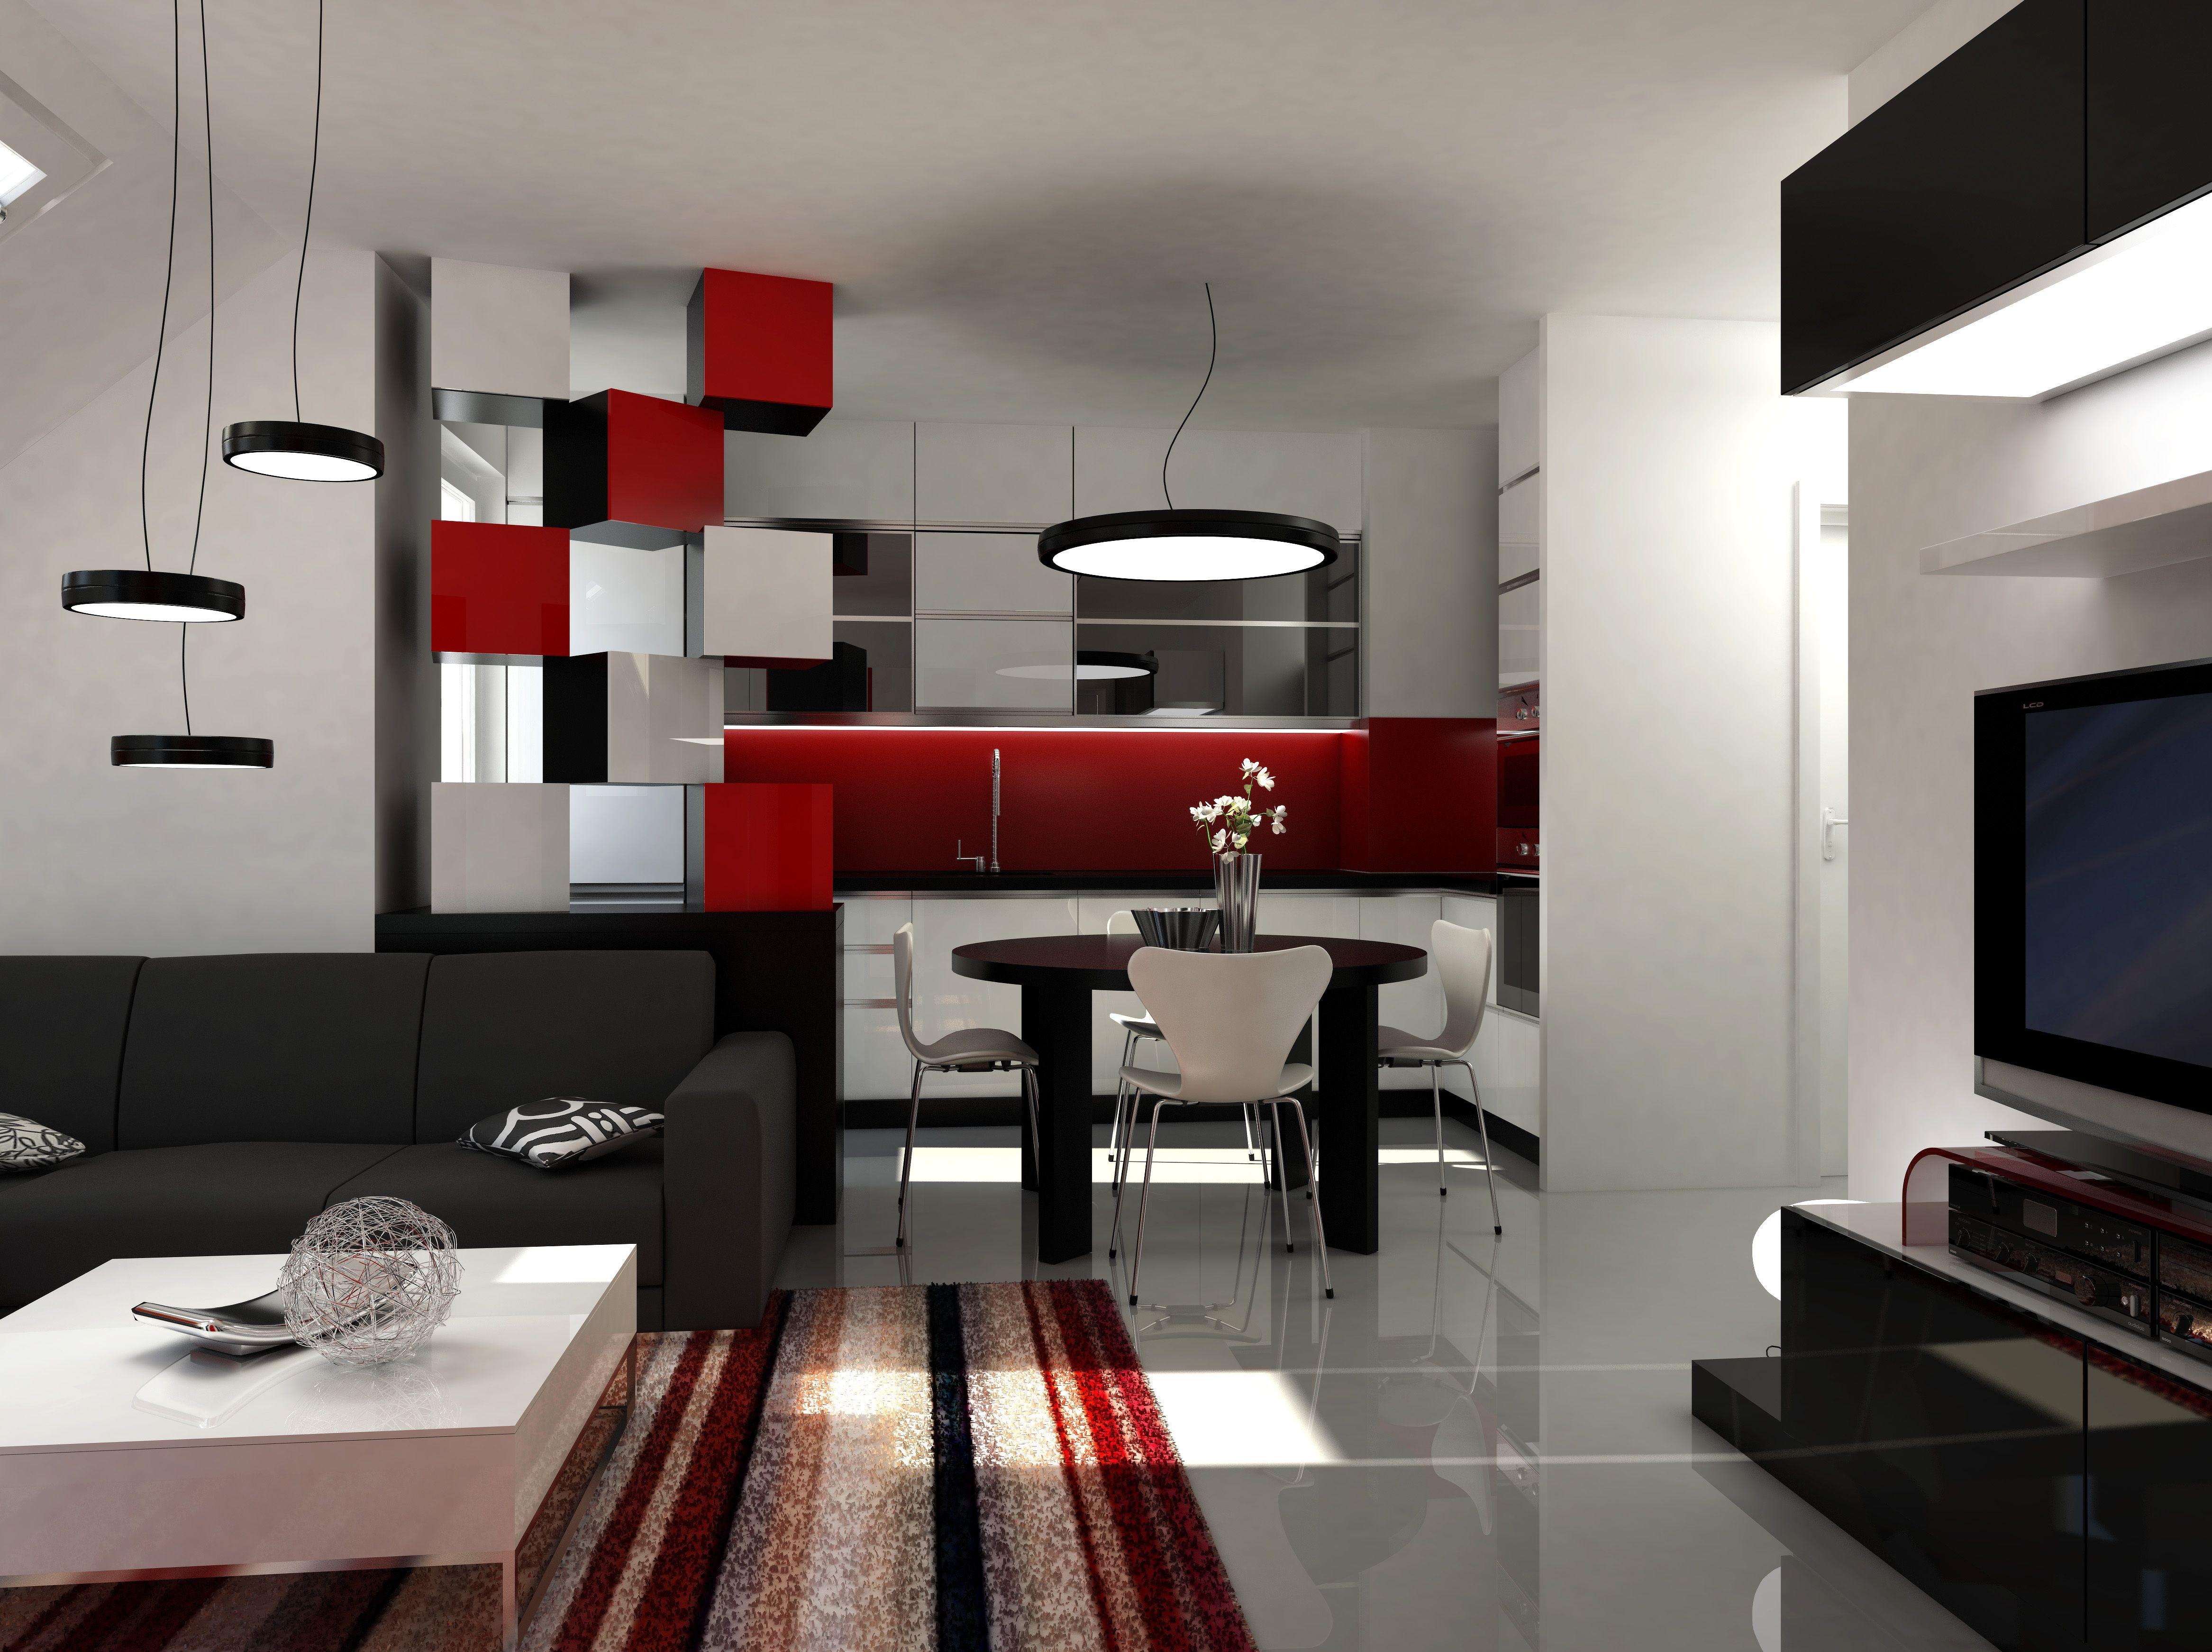 deko fr wohnzimmer in rot  ideen zum streichen wohnzimmer  Pinterest